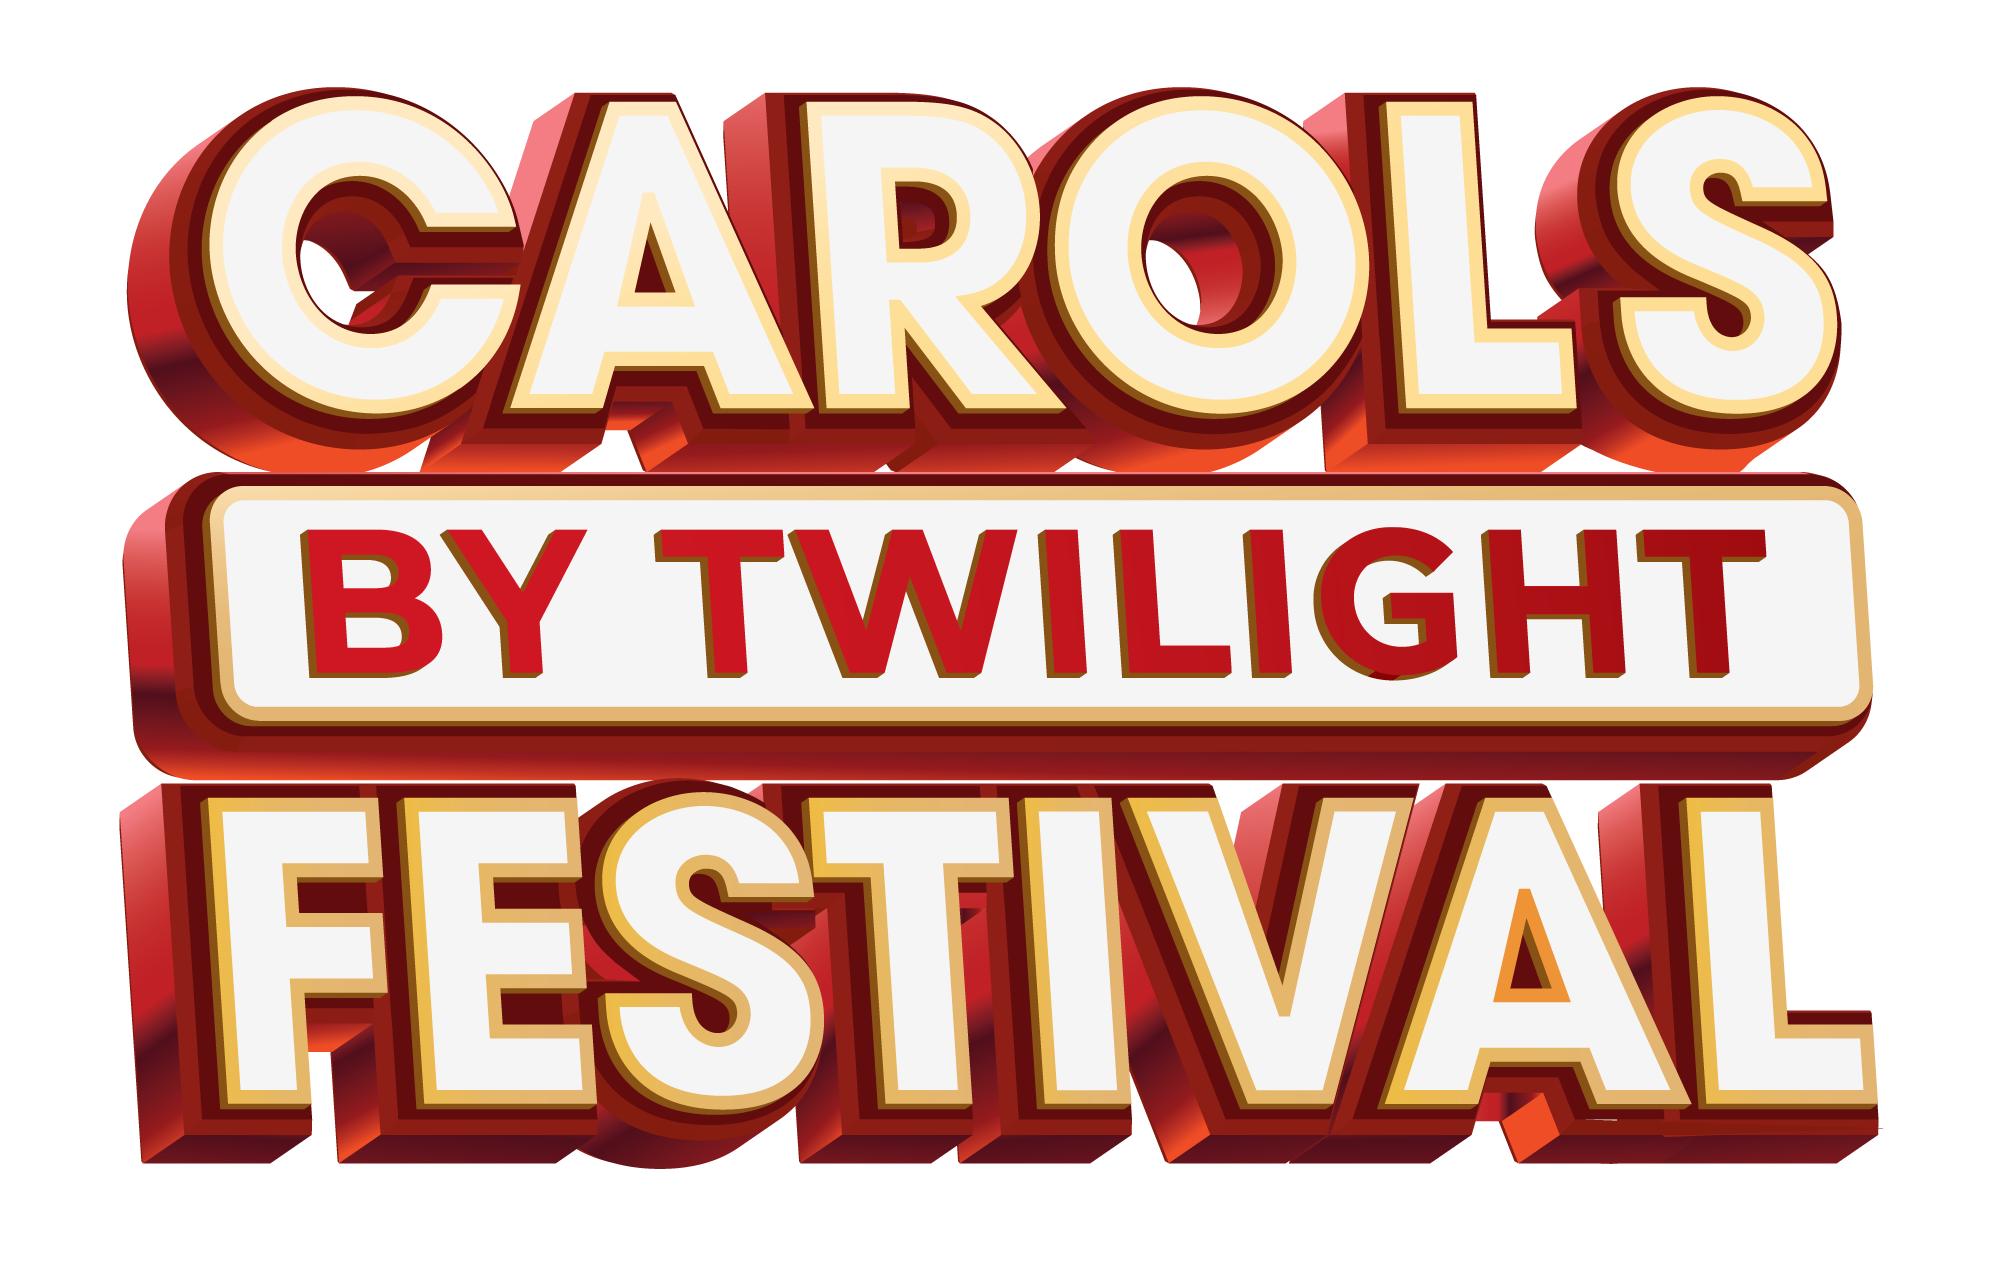 Carols By Twilight Festival